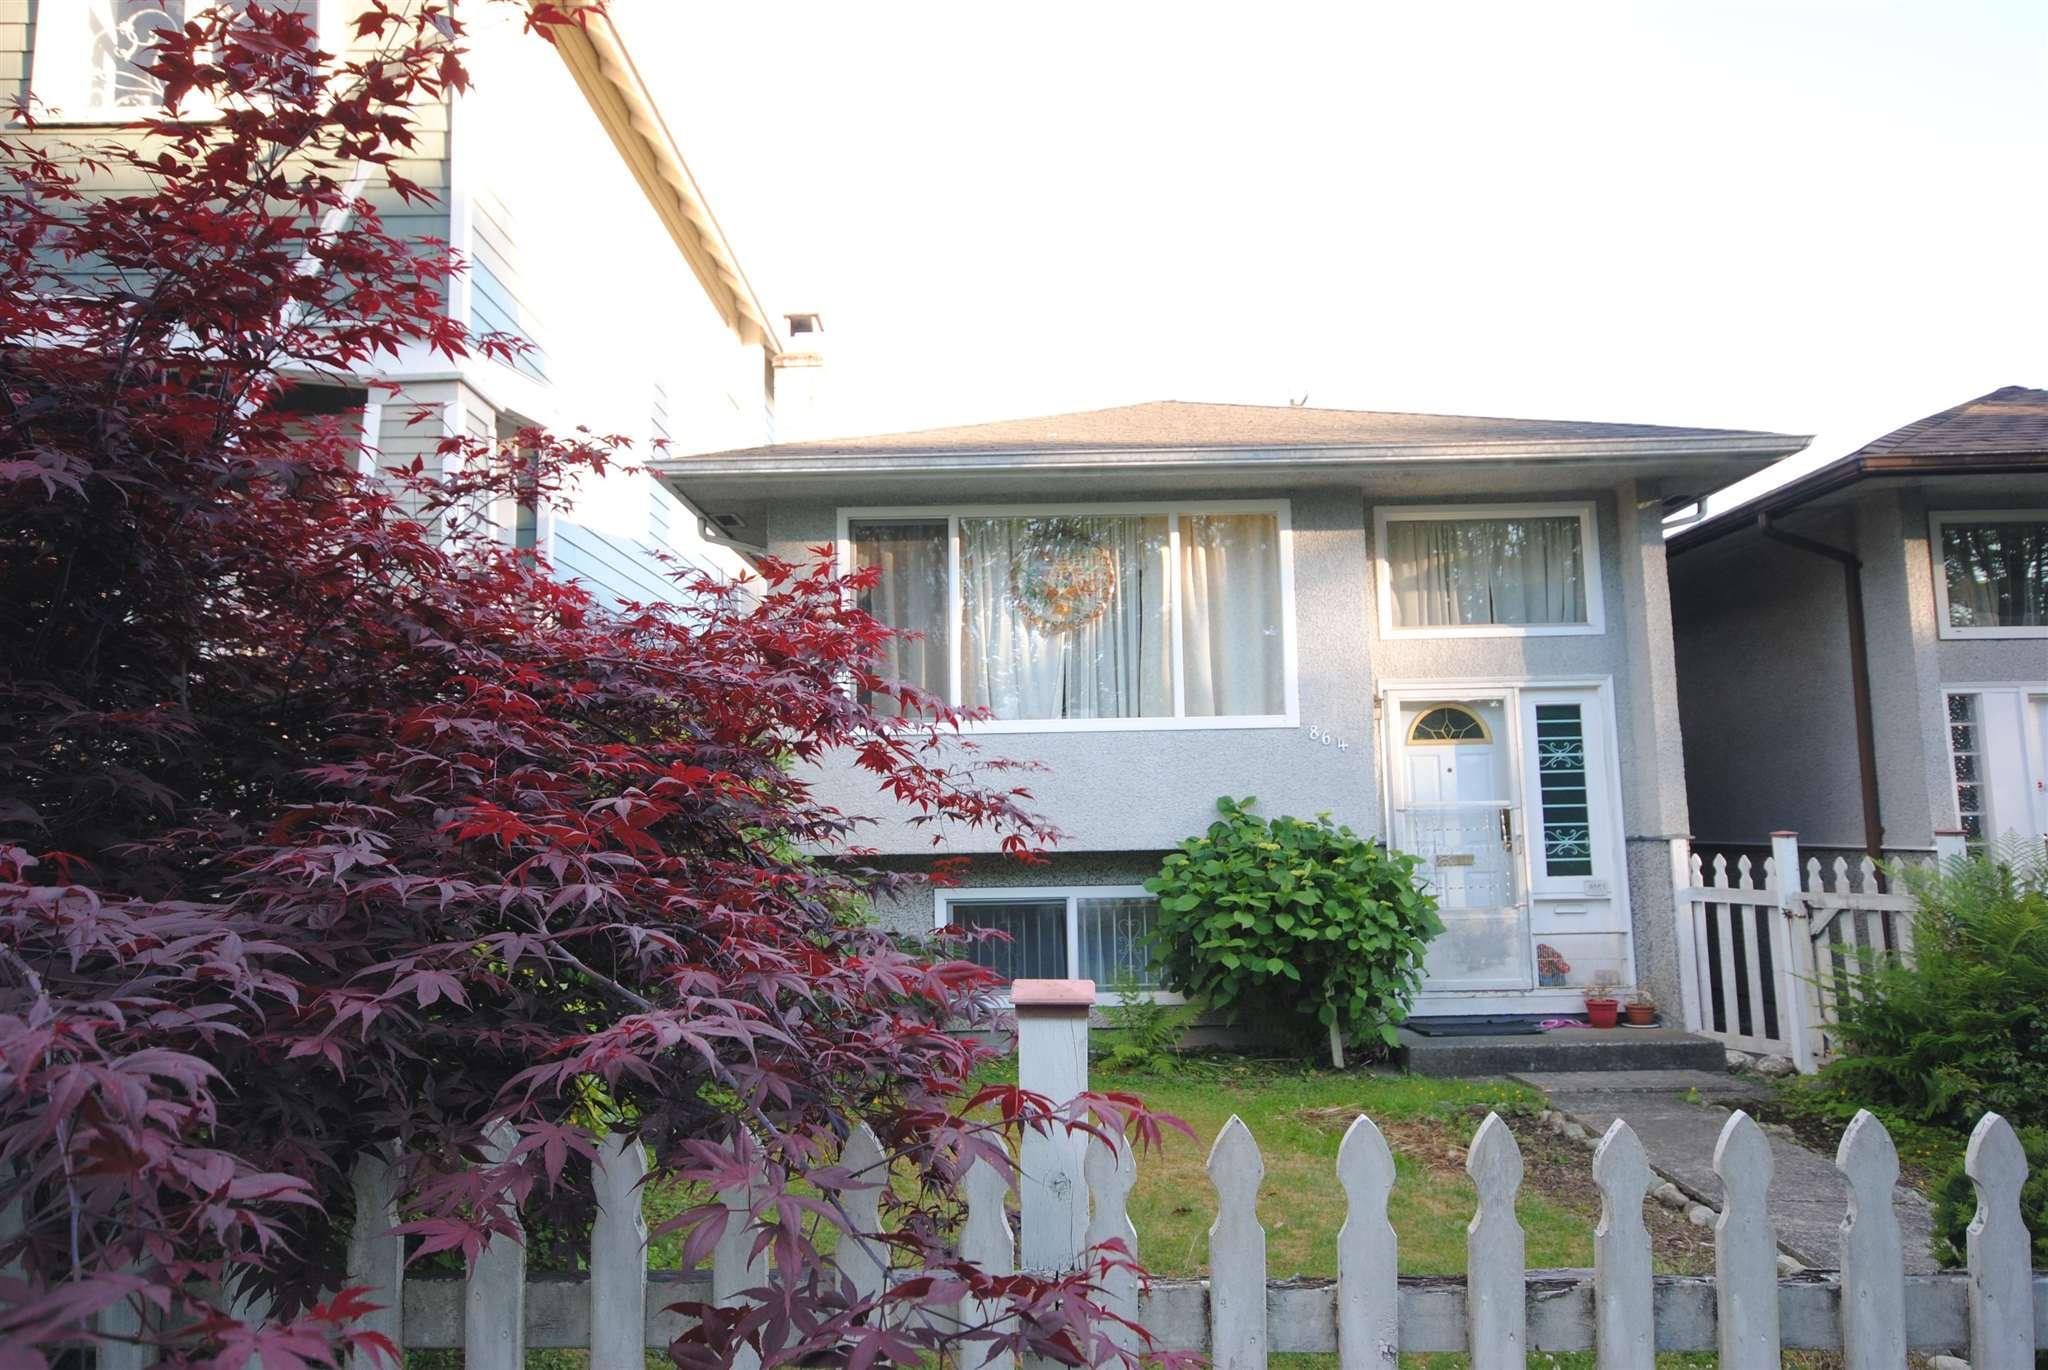 864 E 33RD AVENUE - Fraser VE House/Single Family for sale, 4 Bedrooms (R2593426) - #1